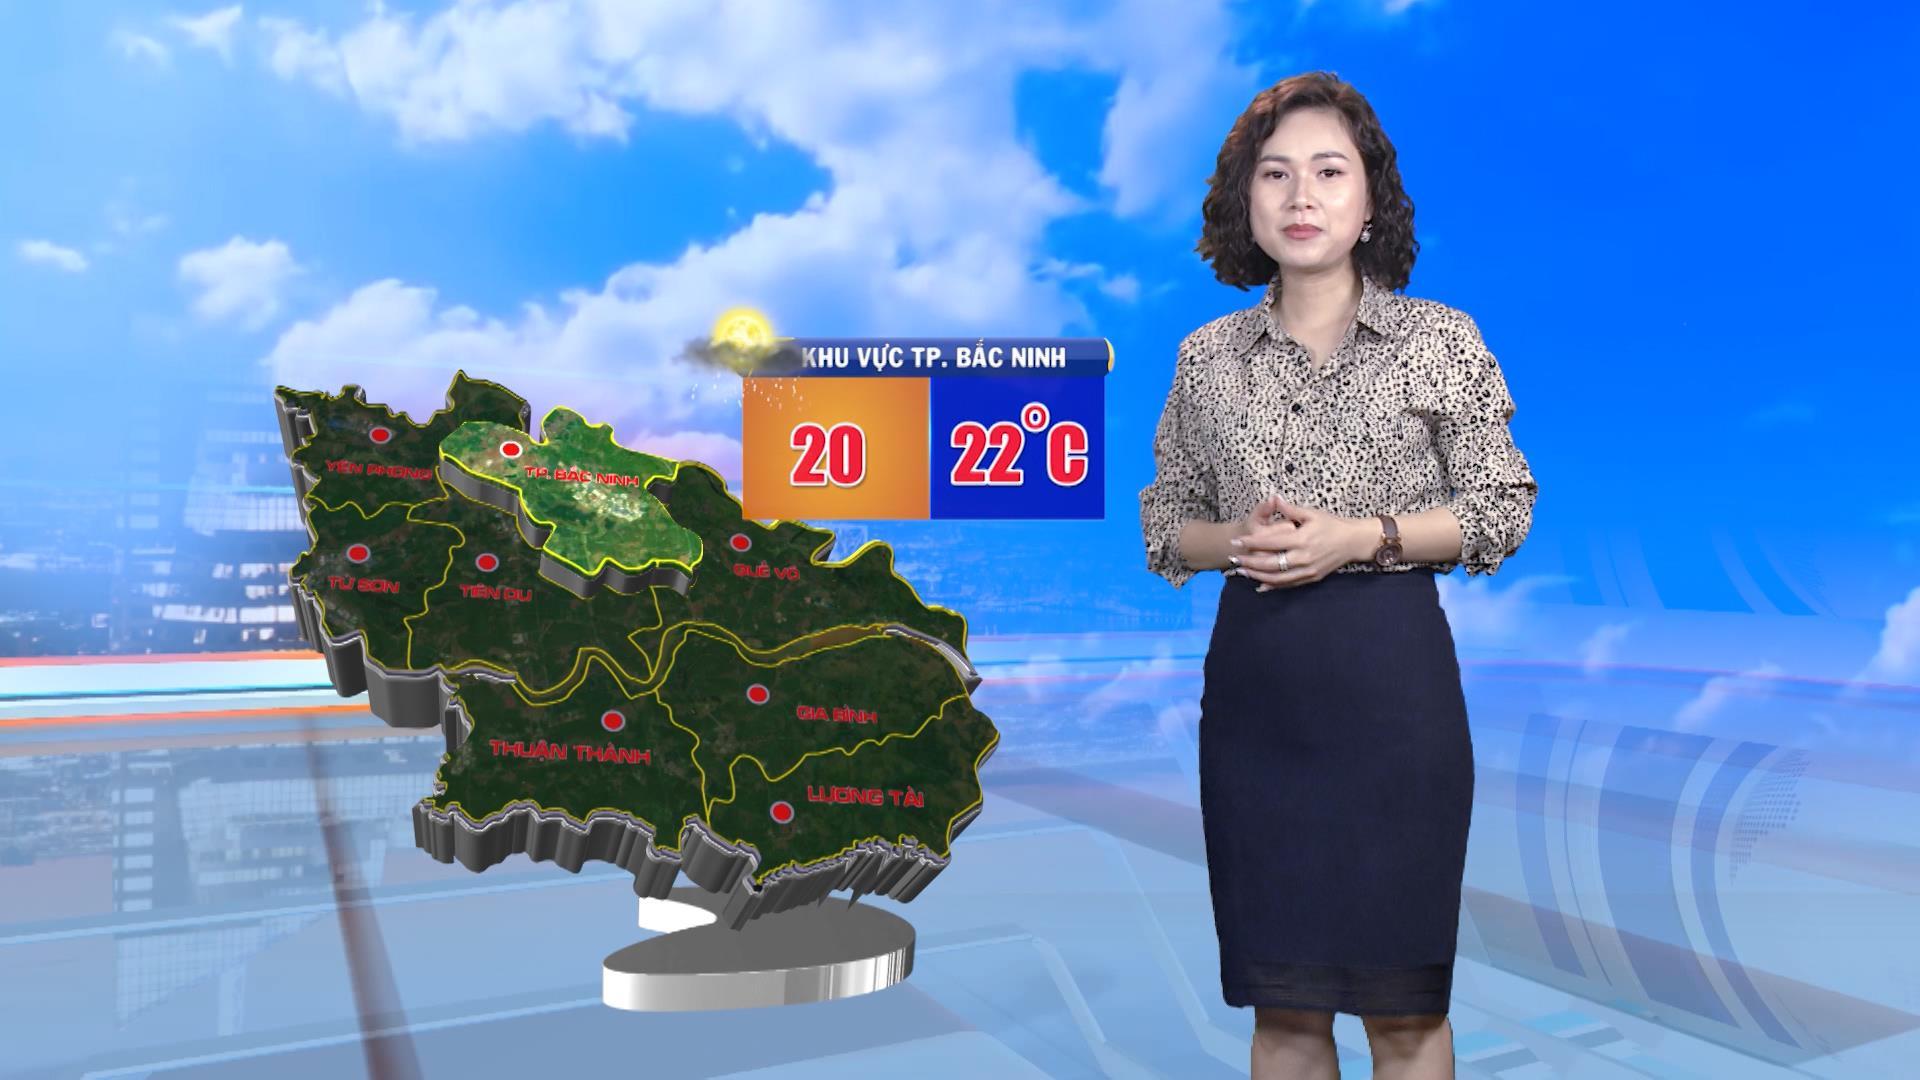 Bản tin dự báo thời tiết đêm 05 ngày 06/8/2019